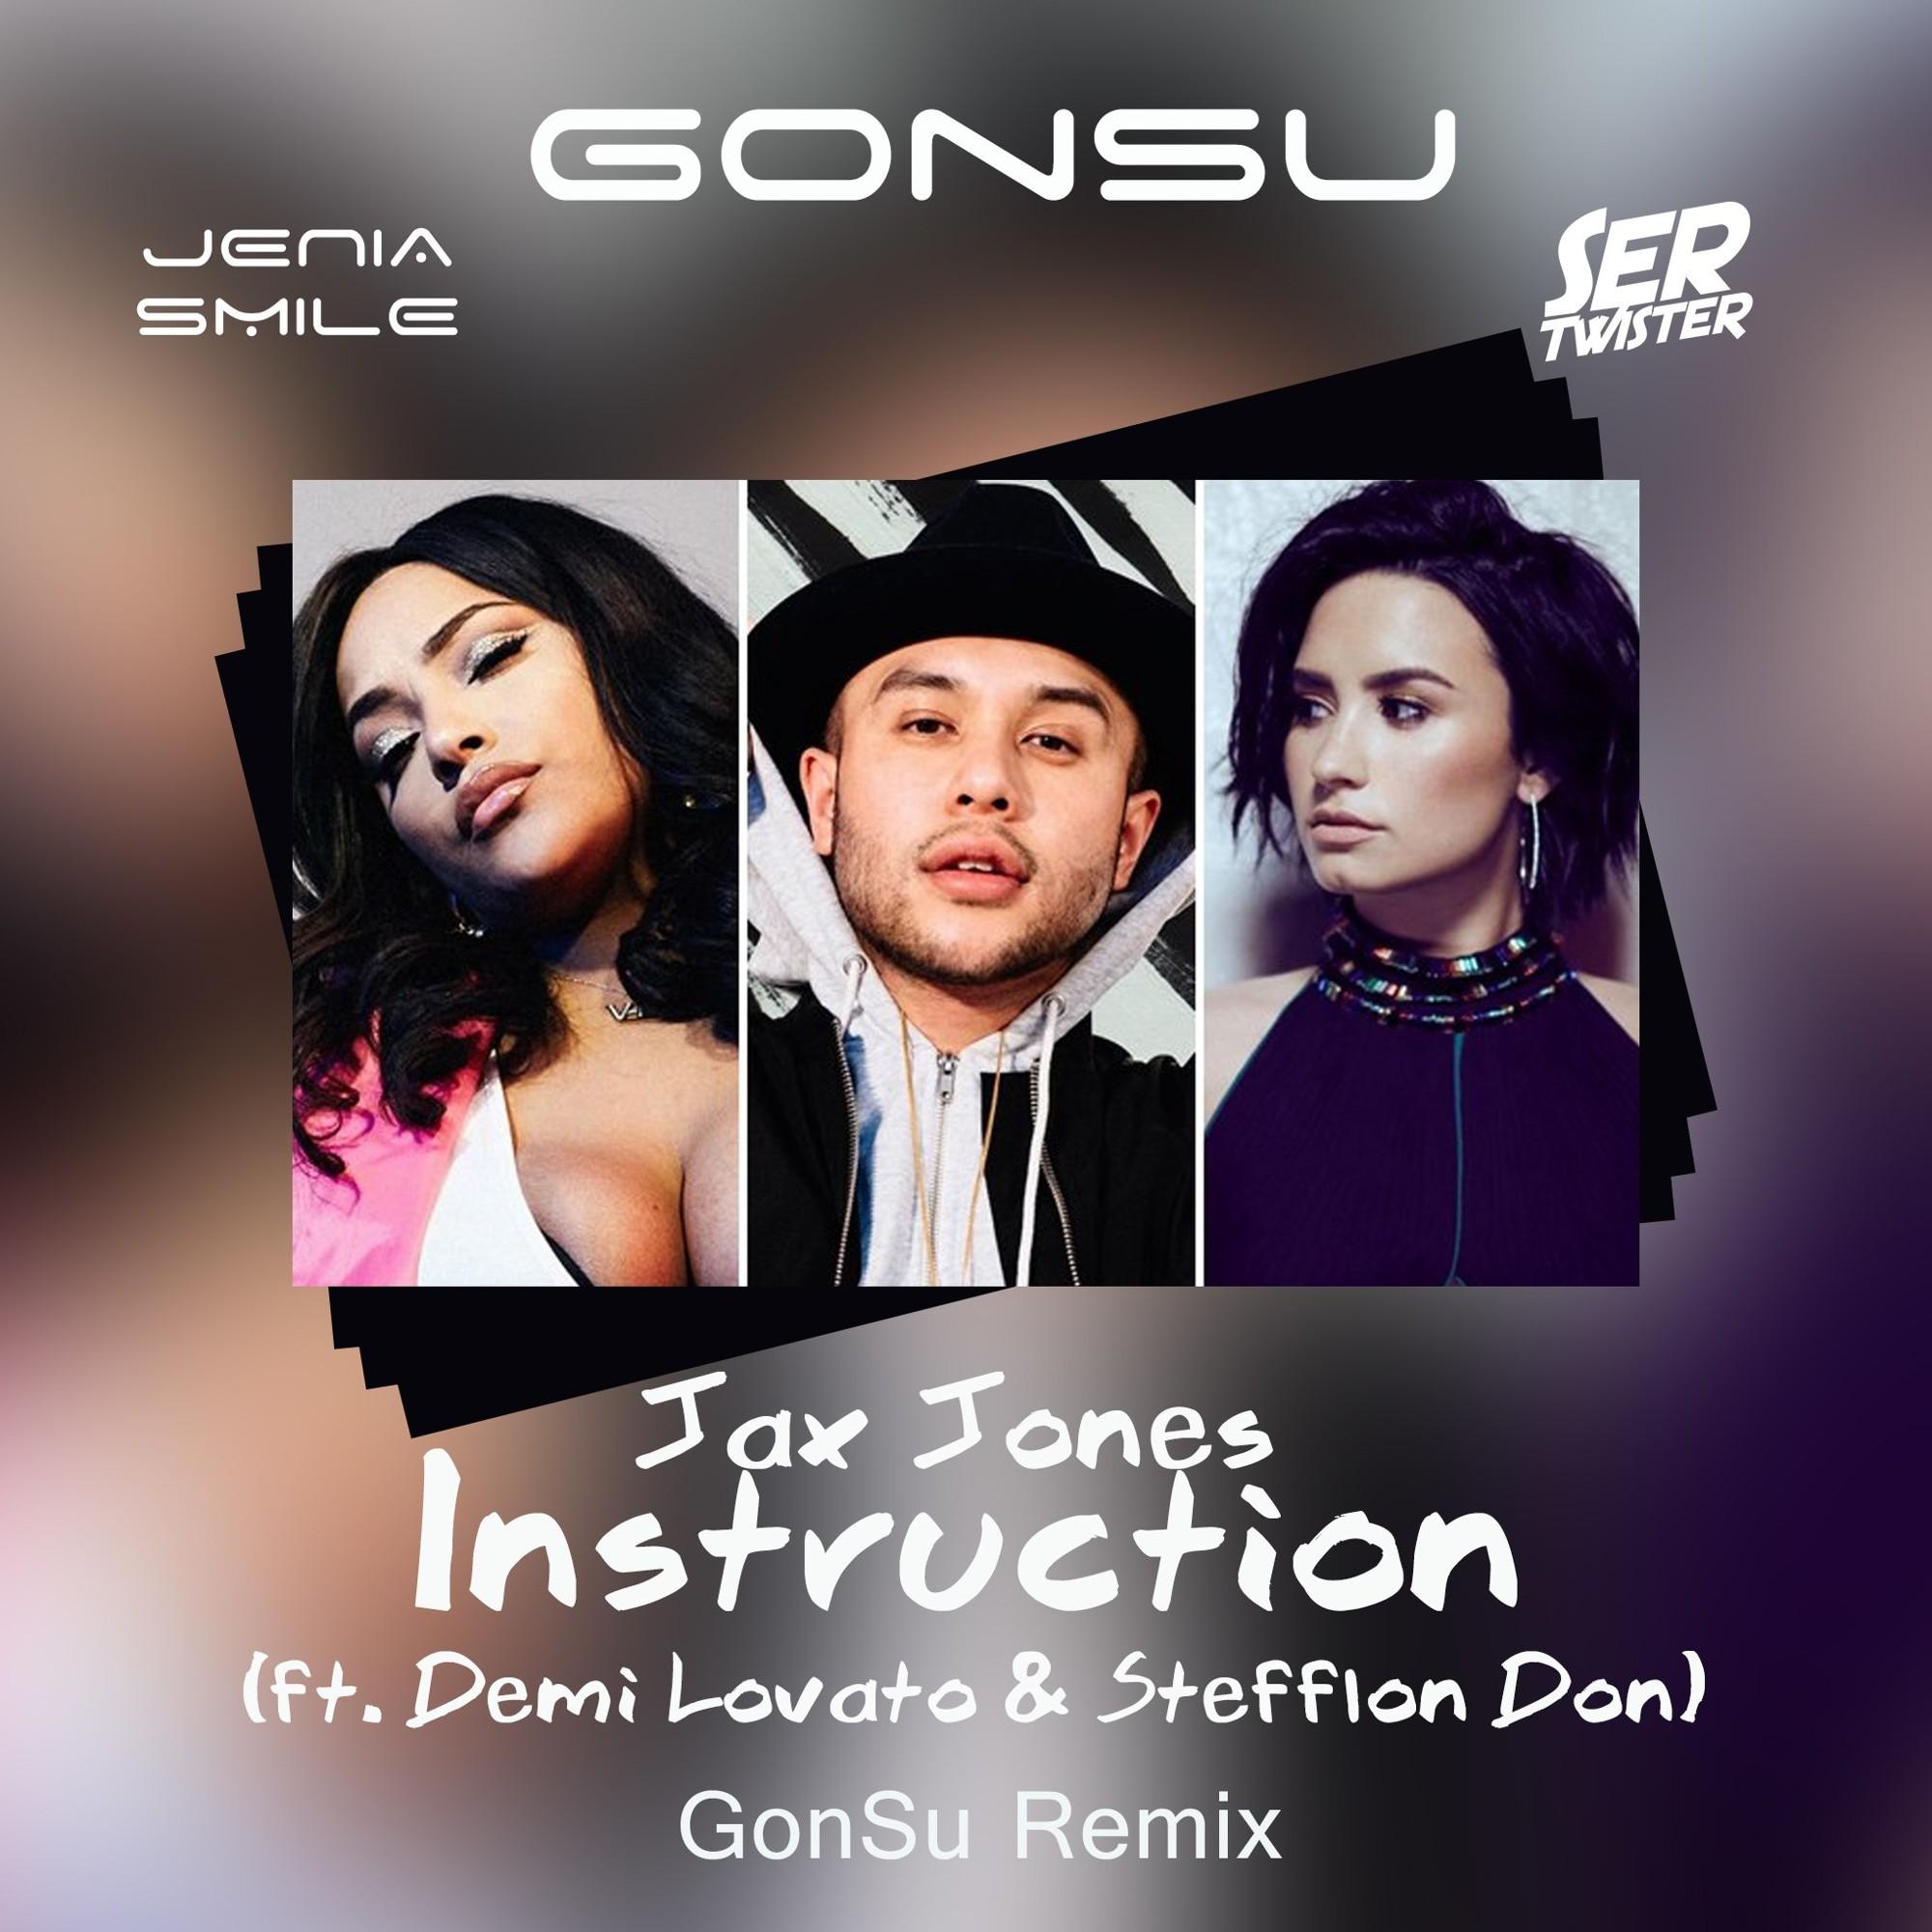 demi lovato instruction mp3 download